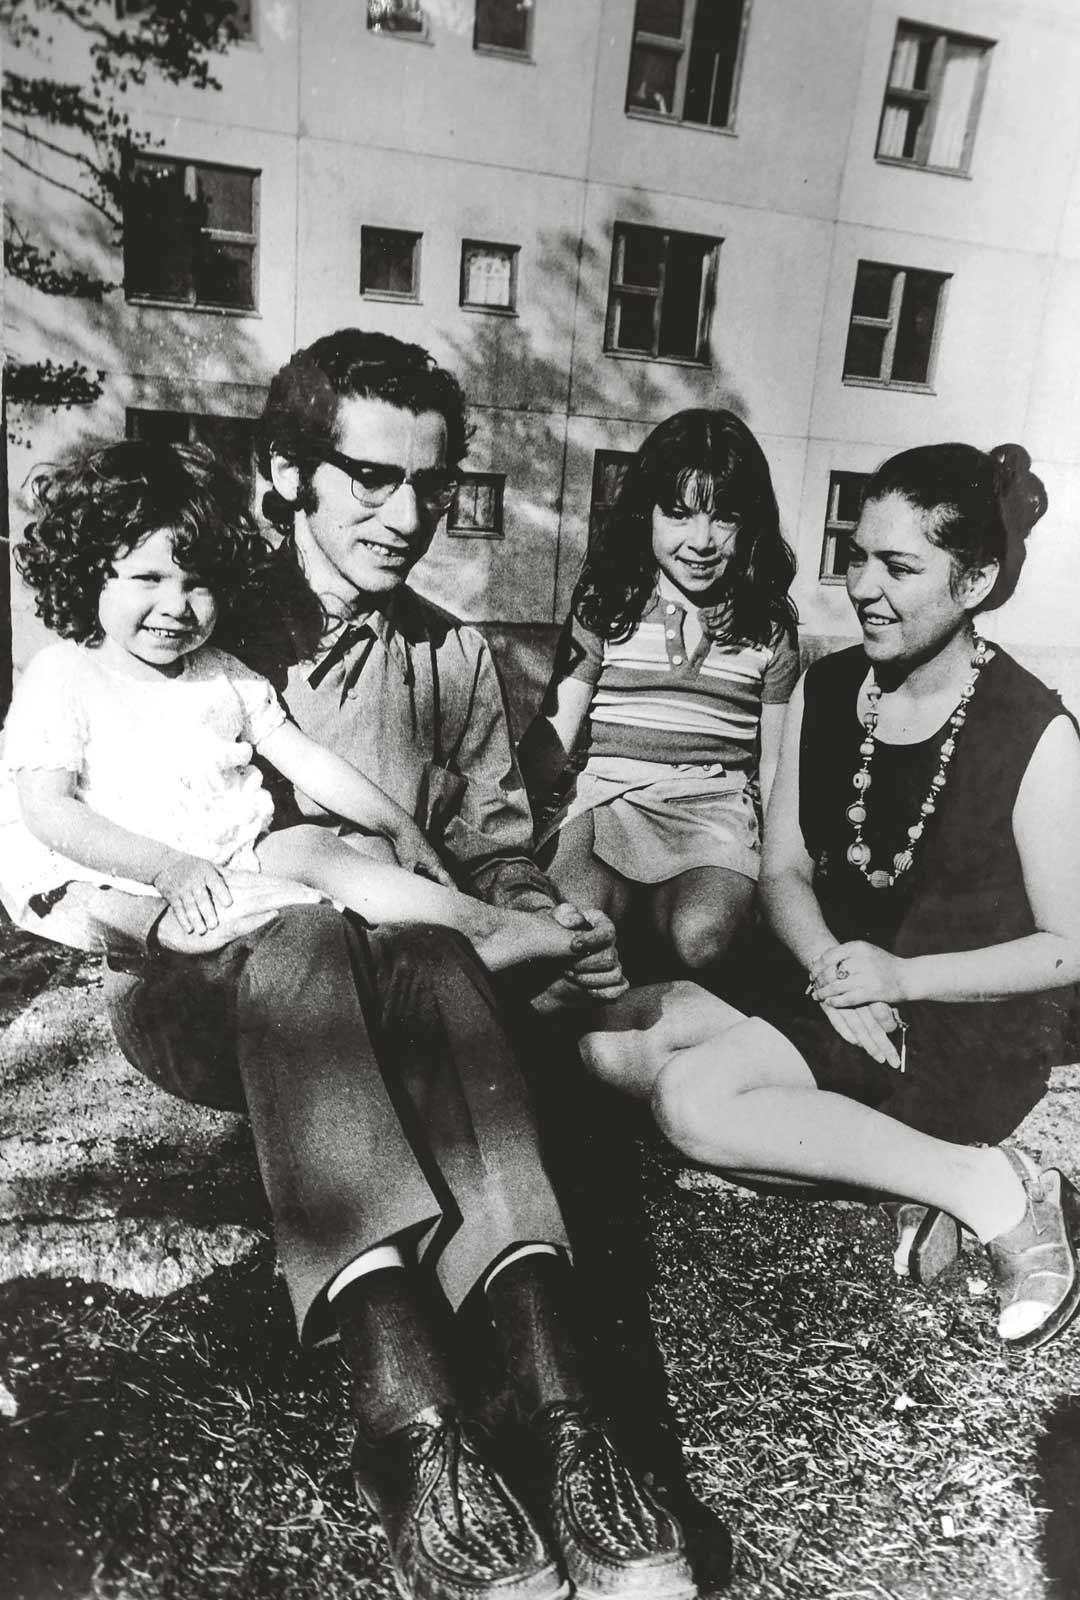 Escobarien perhe asettui asumaan kaksioon Espoon Kivenlahteen. Enriquen sylissä Ximena ja Silvian vieressä esikoinen Marcela.